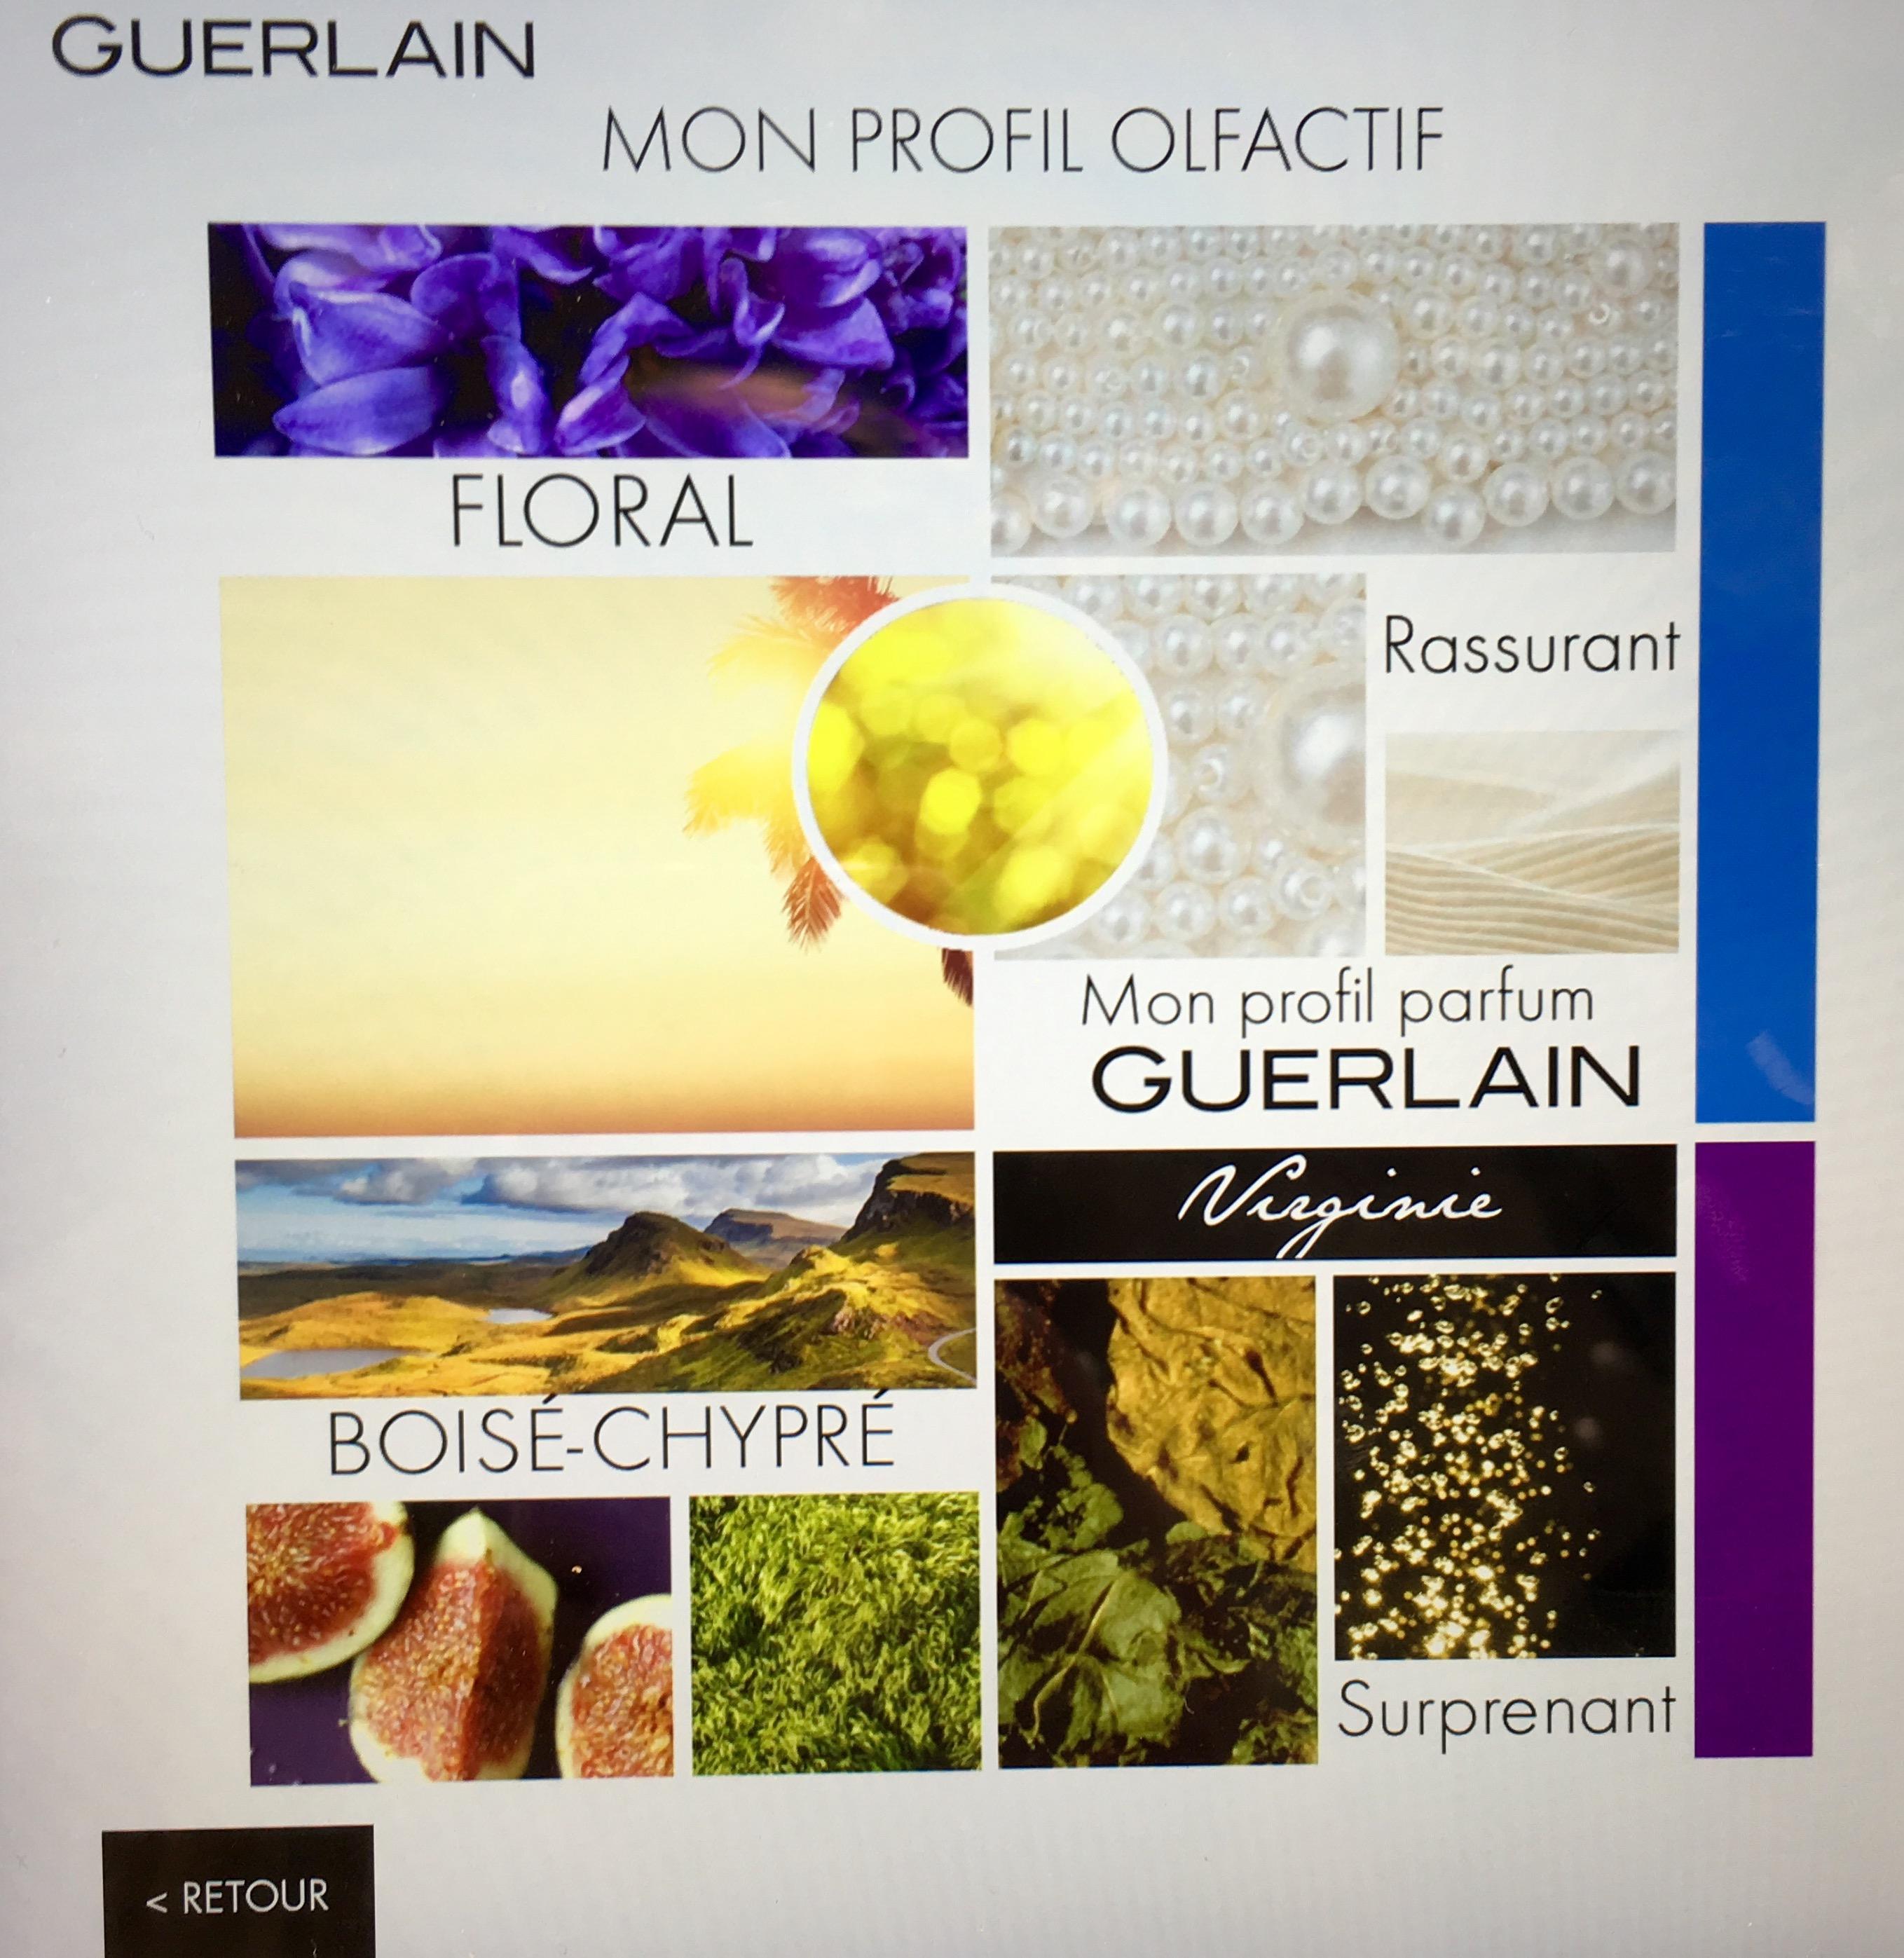 guerlain-saint-honoré-profil-olfactif